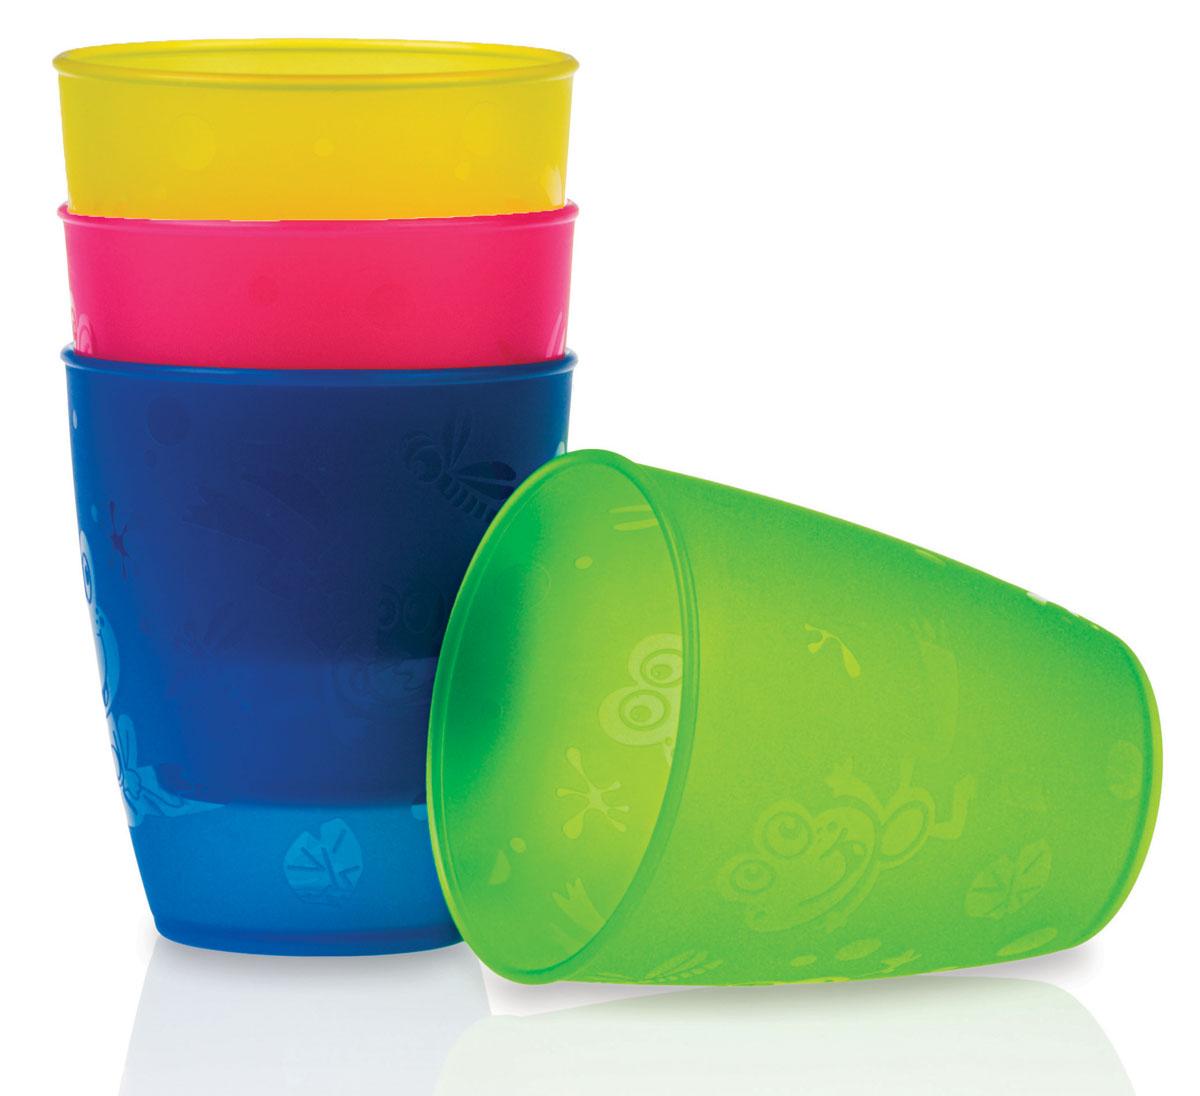 Набор стаканов Nuby, 300 мл, 4 штID65662Набор Nuby включает 4 разноцветных высоких стаканчика, изготовленных из высококачественного пищевого пластика (не содержит бисфенол А). Изделия оформлены изображением лягушат и стрекоз. Нескользящее покрытие придает стаканам большую устойчивость. Такие стаканы помогут малышу перейти к использованию обычной чашки. Для детей с 18-ти месяцев. Разные цвета помогут создать праздник для вашего малыша. Можно использовать во время пикника.Можно мыть в посудомоечной машине и ставить в СВЧ-печь. Объем стакана: 300 мл. Диаметр стакана (по верхнему краю): 8 см. Высота стакана: 9 см.